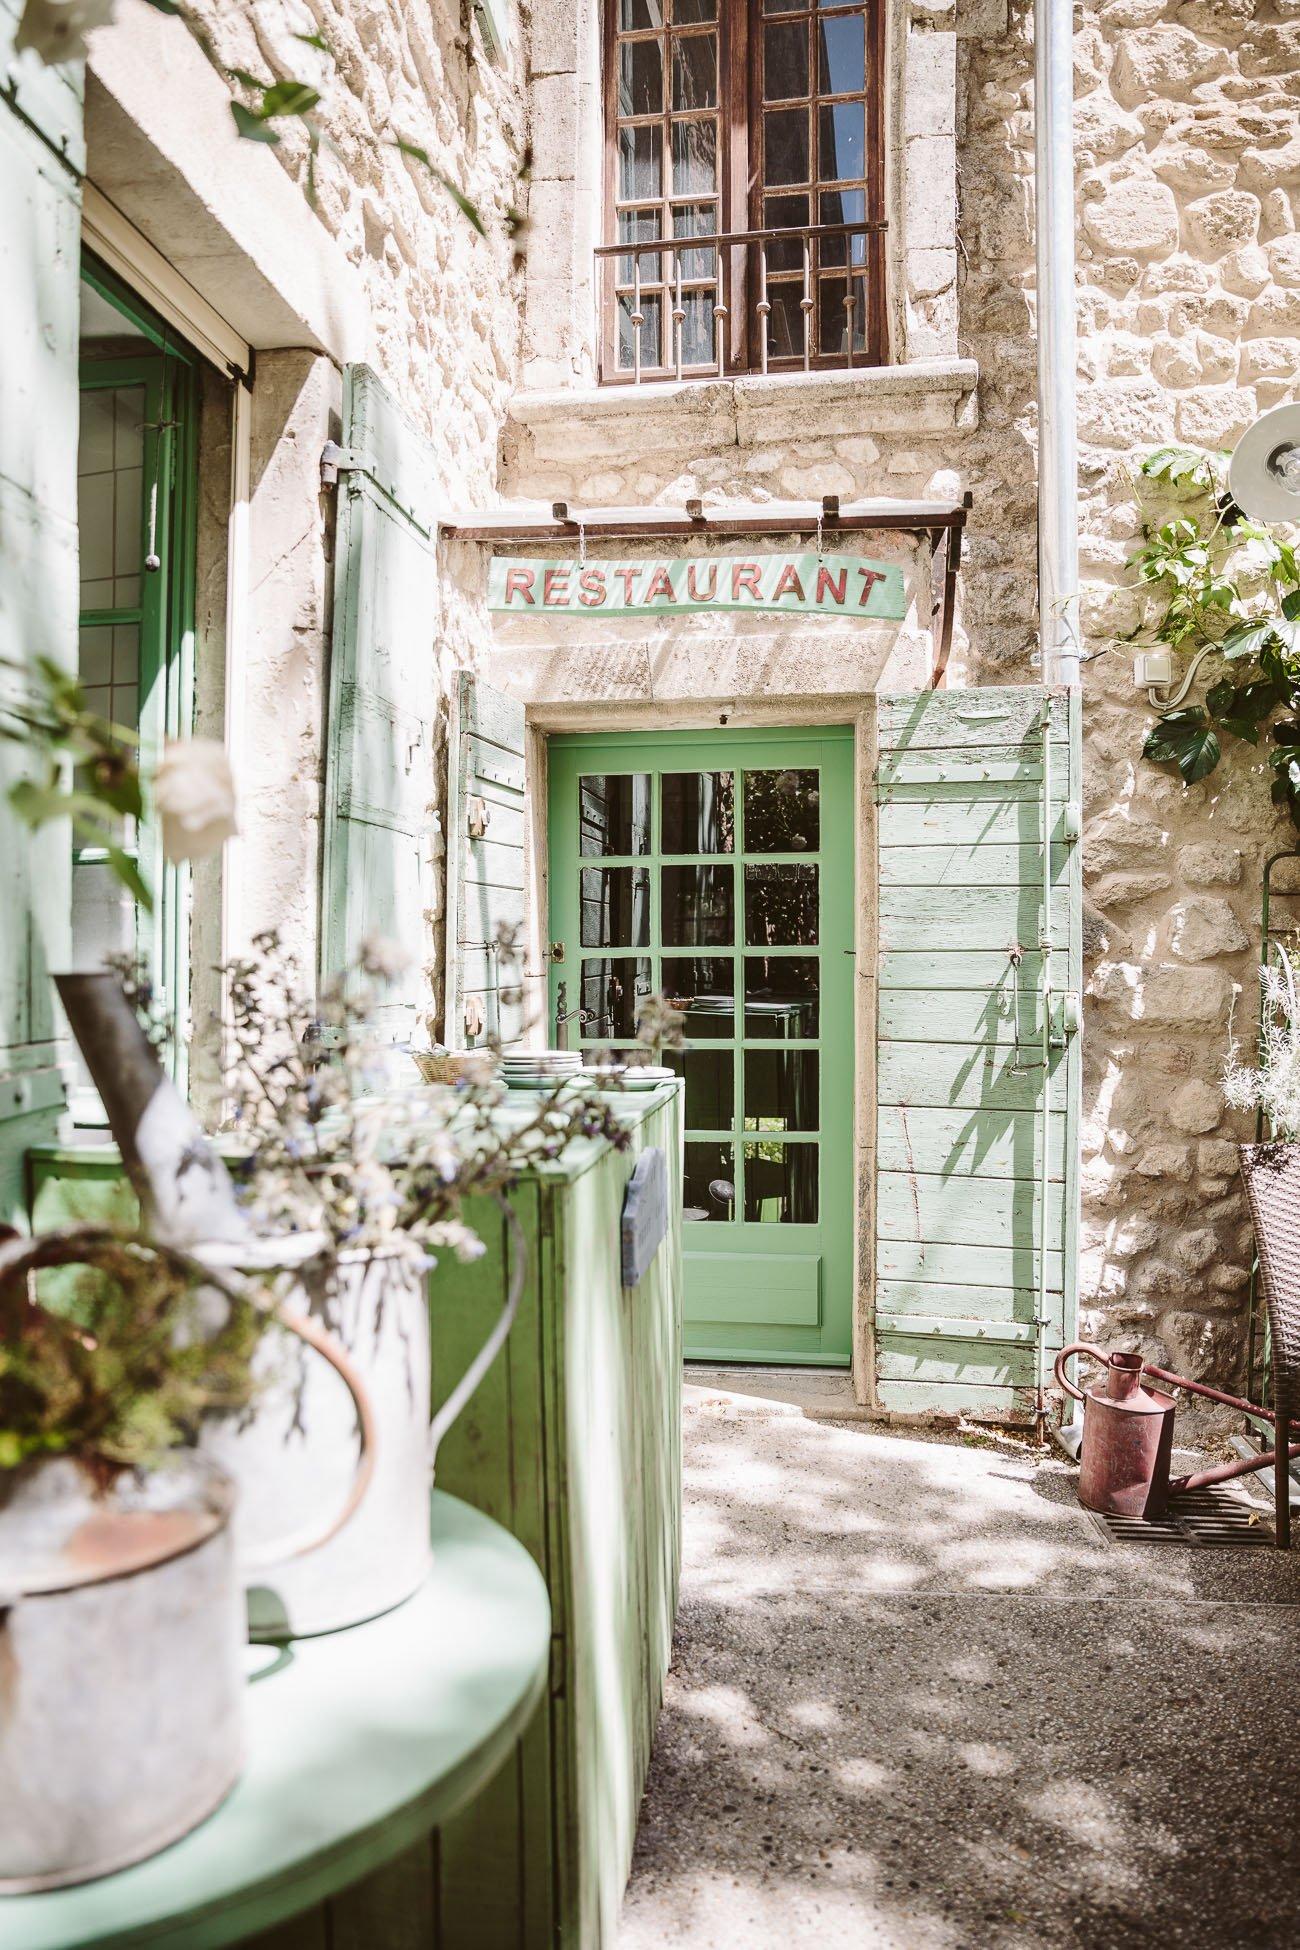 Le Petit Café in Oppède le Vieux